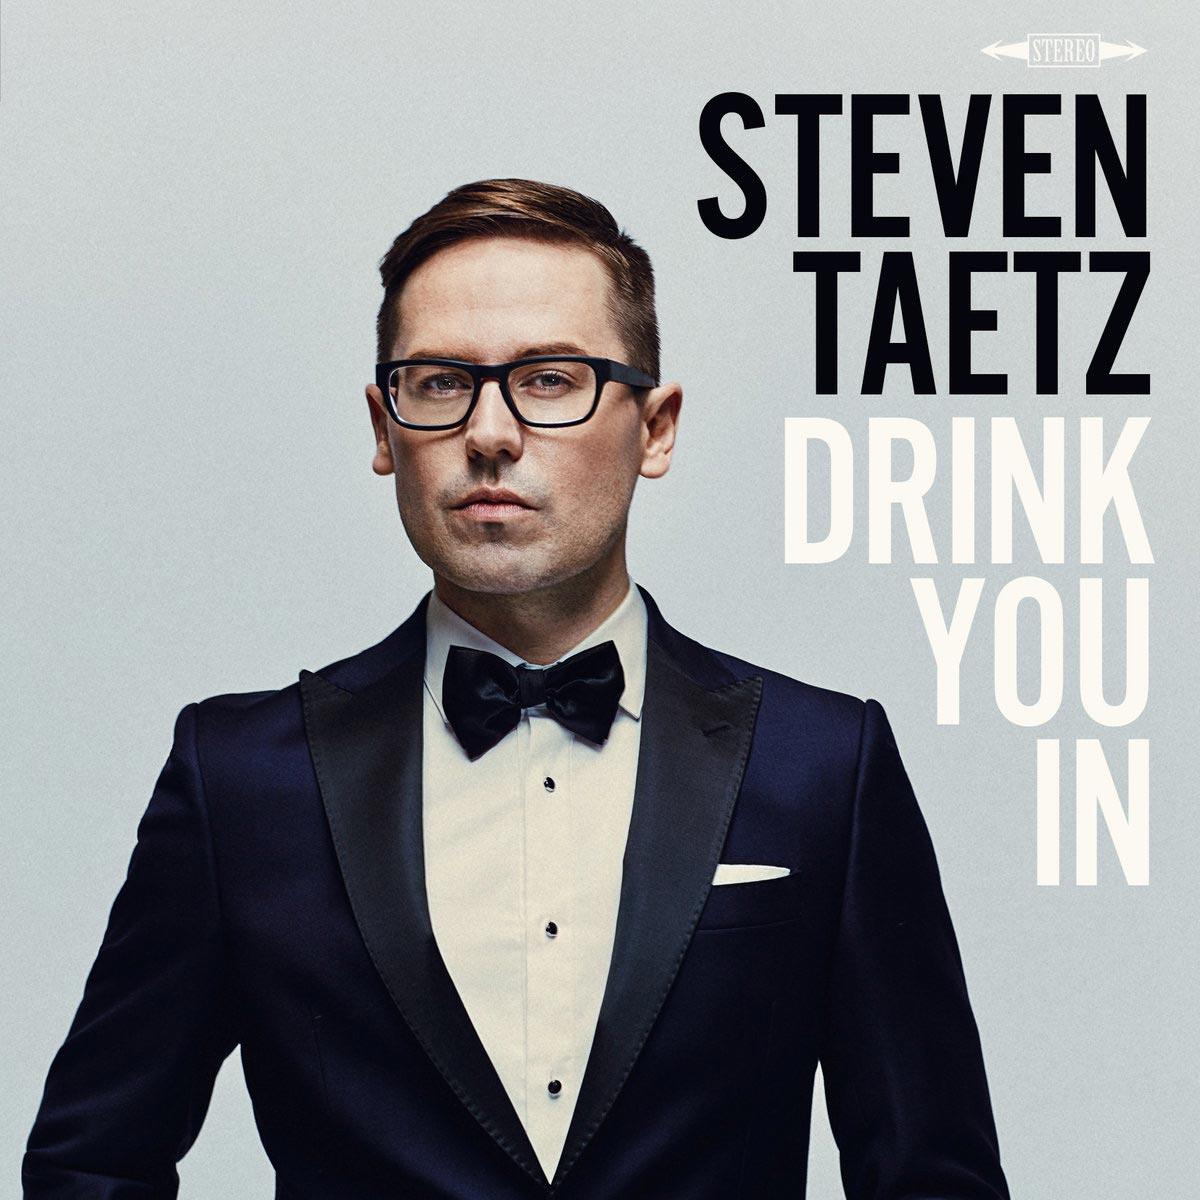 Steven Taetz - Drink You In - Album art